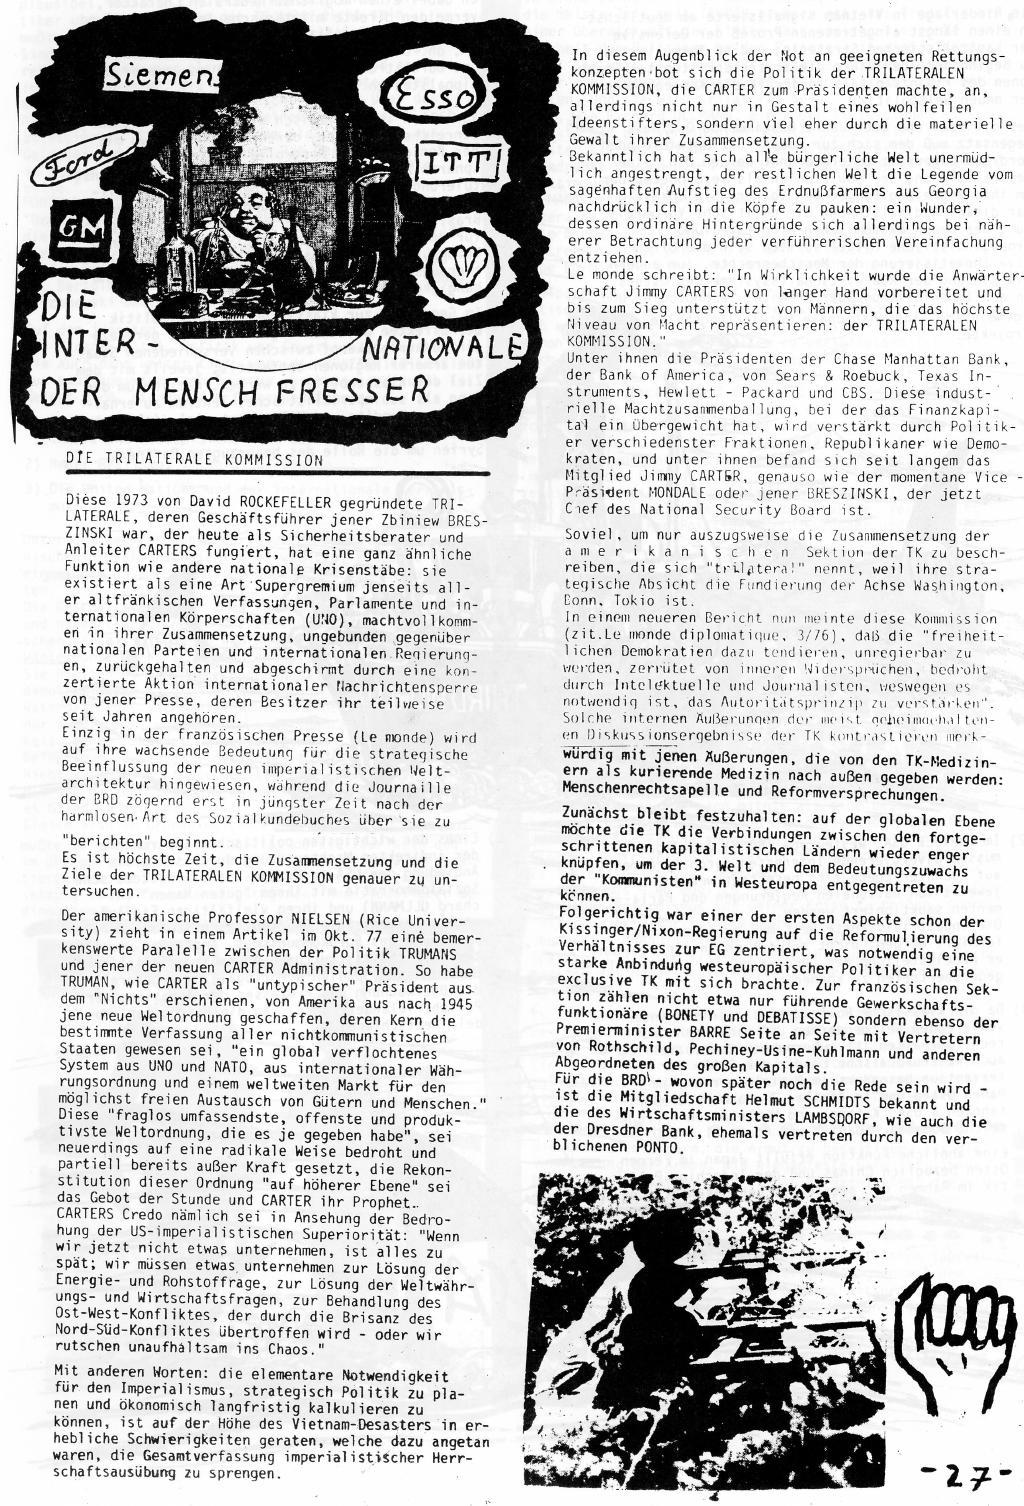 Bremen_1980_NATO_Broschuere_27